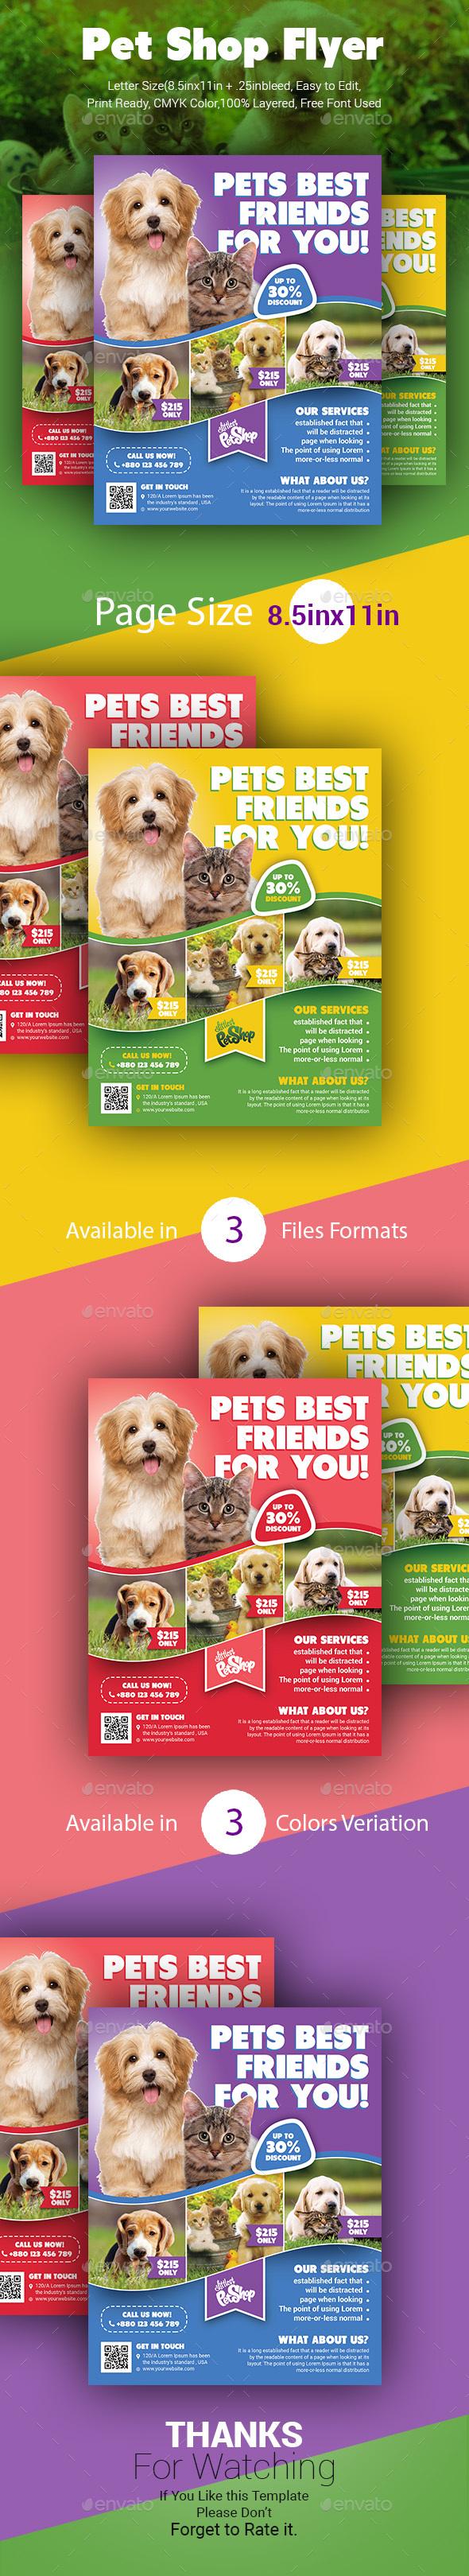 Pet Shop Flyer - Commerce Flyers